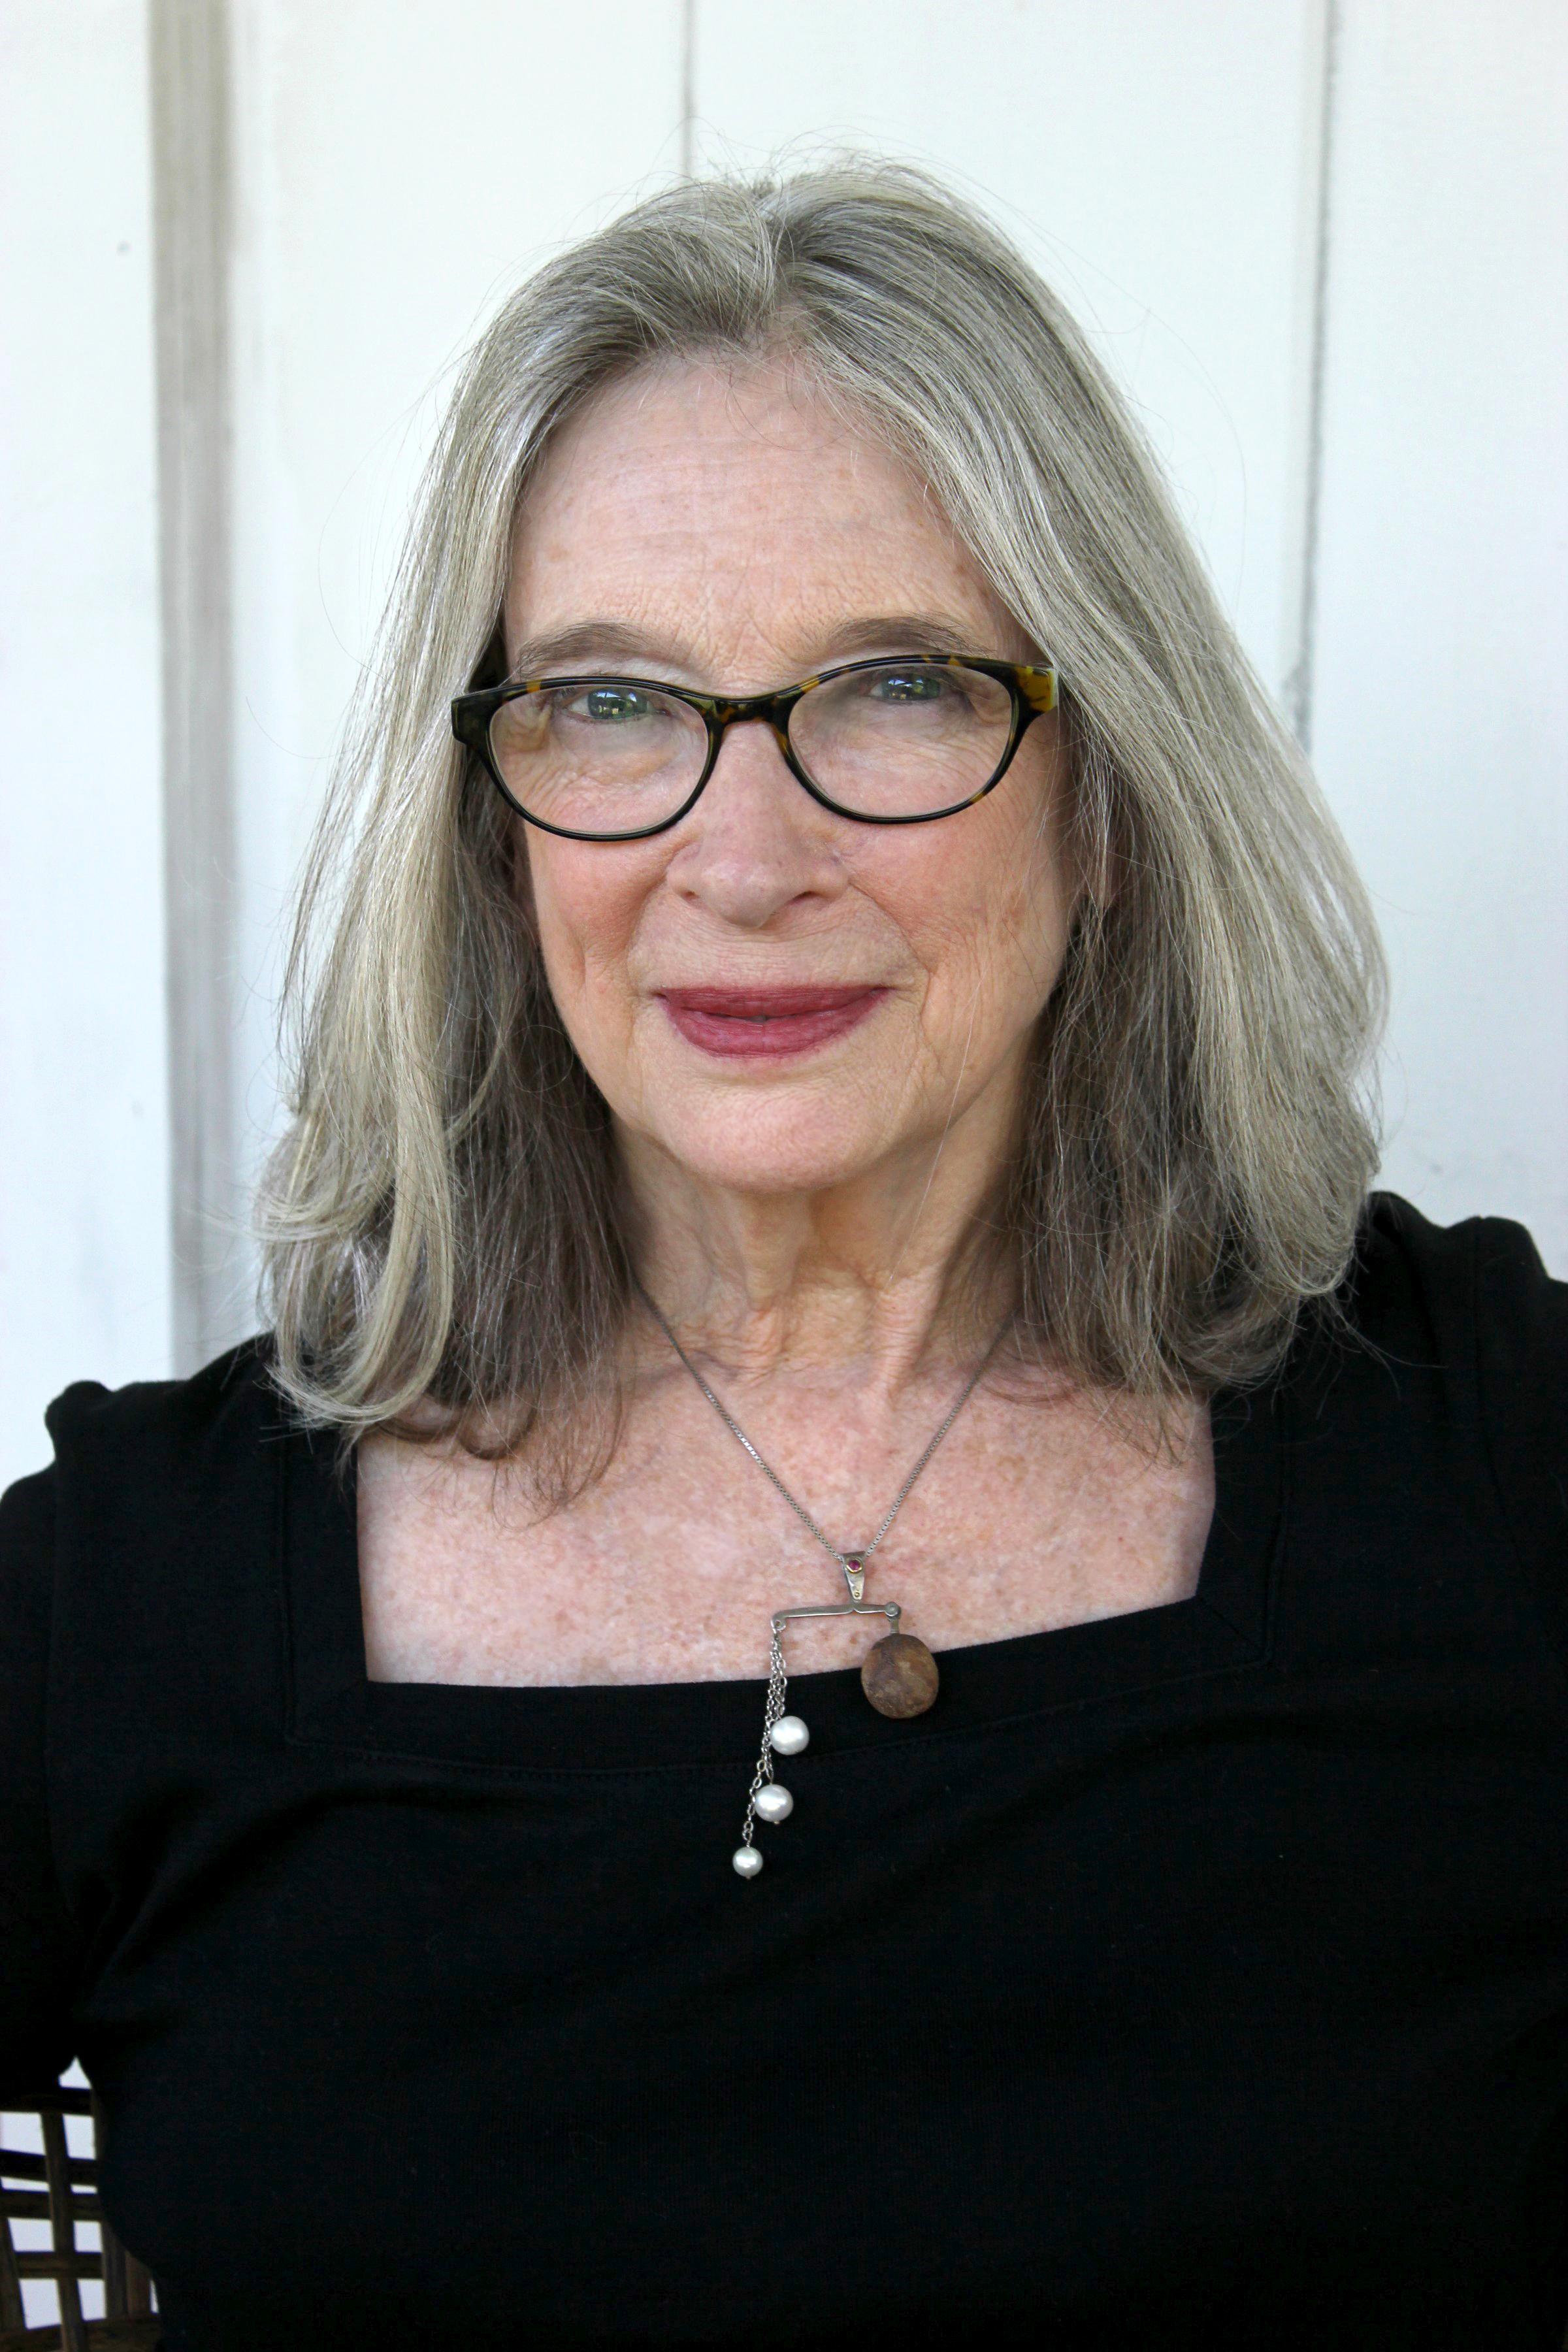 Deborah McLeod portrait 1 (2).jpg